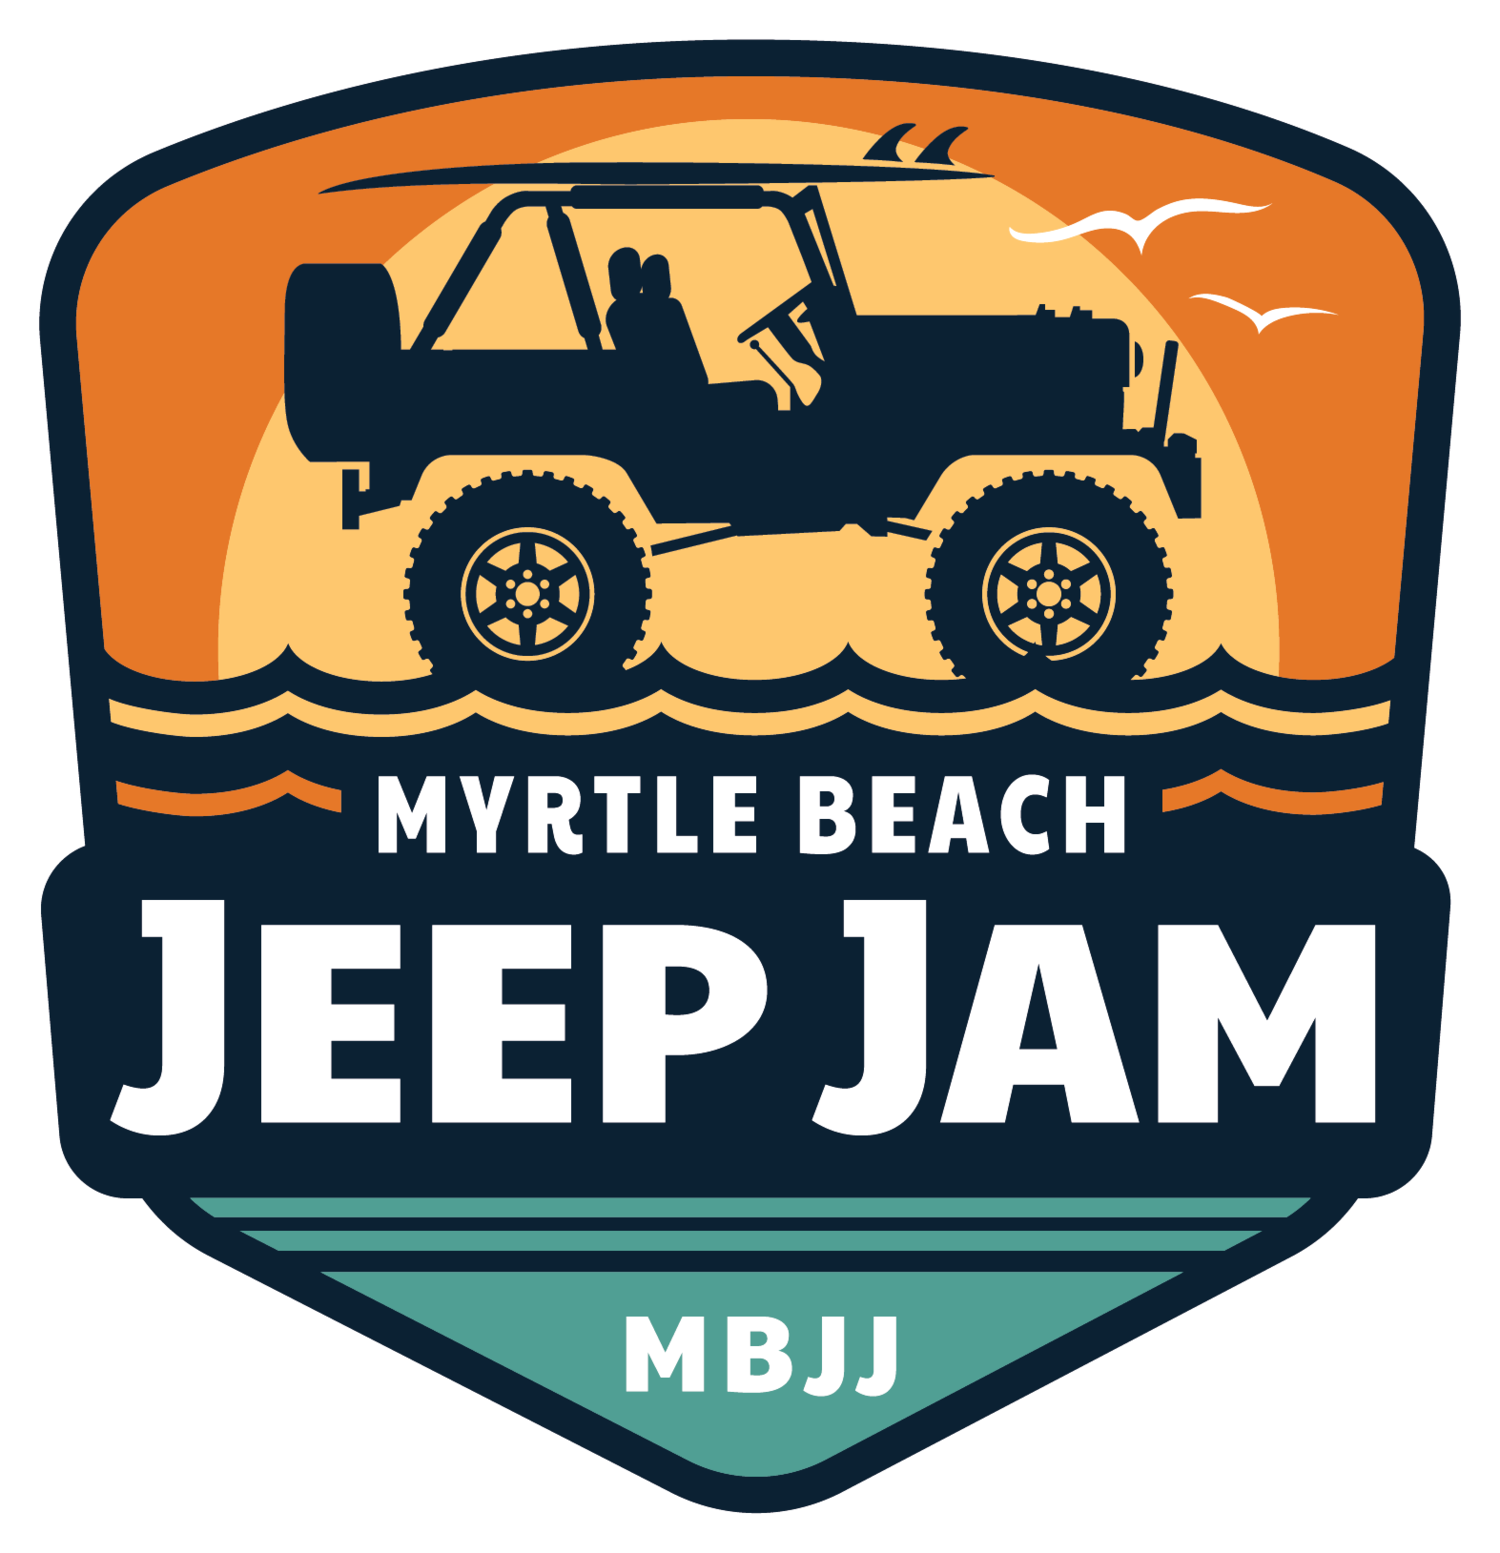 Myrtle Beach Events April 2020.Myrtle Beach Jeep Jam